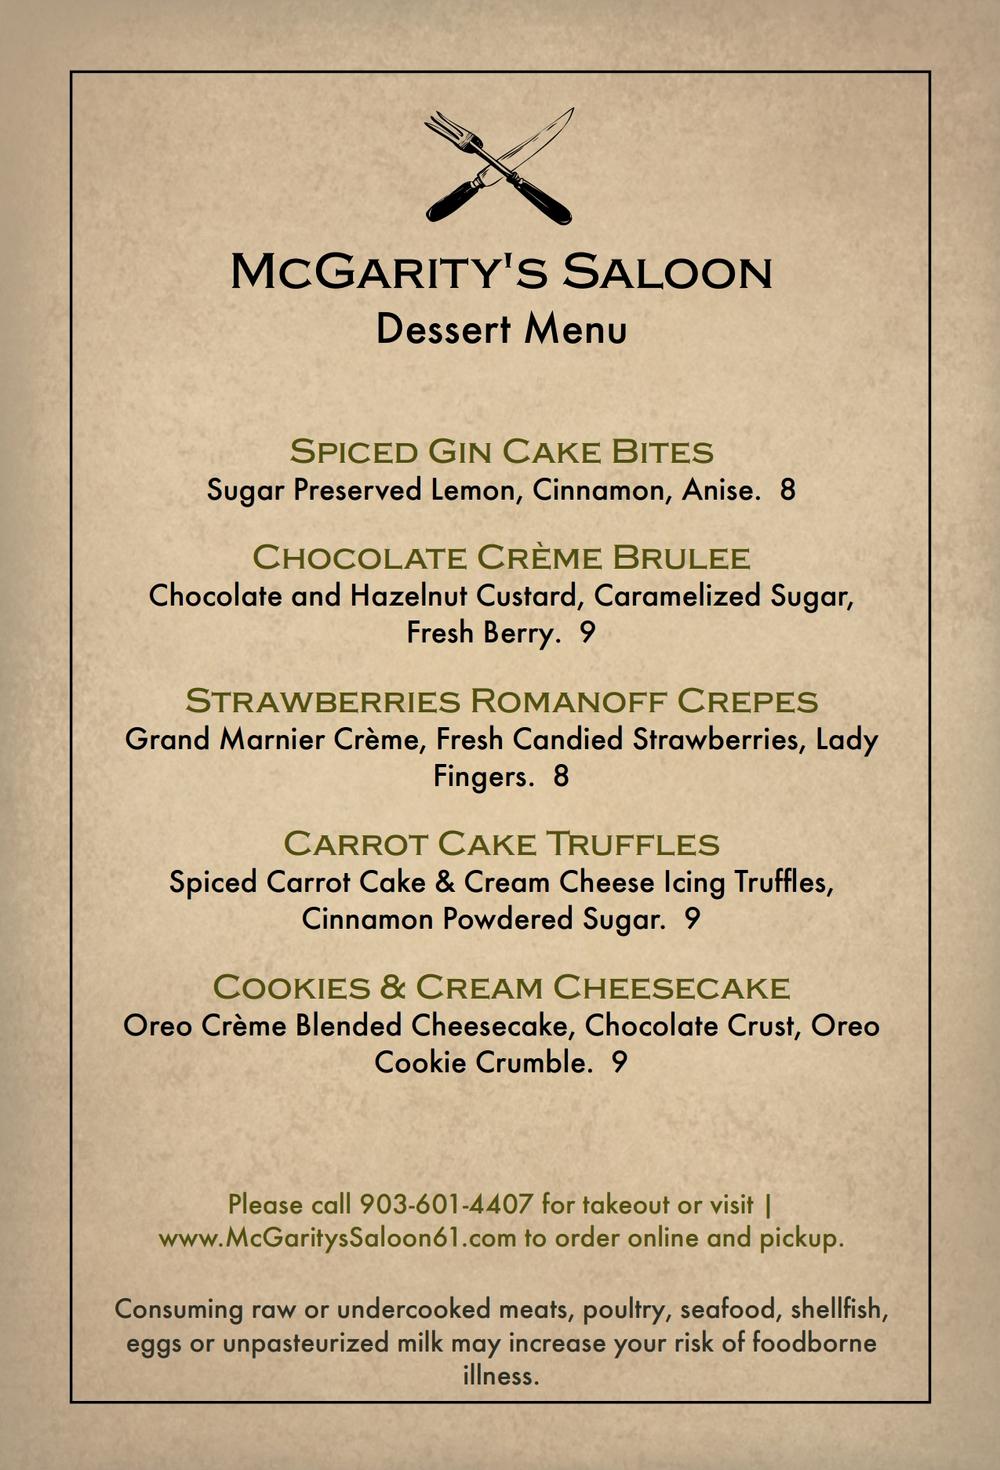 McGarity_s_Dessert_Menu.png